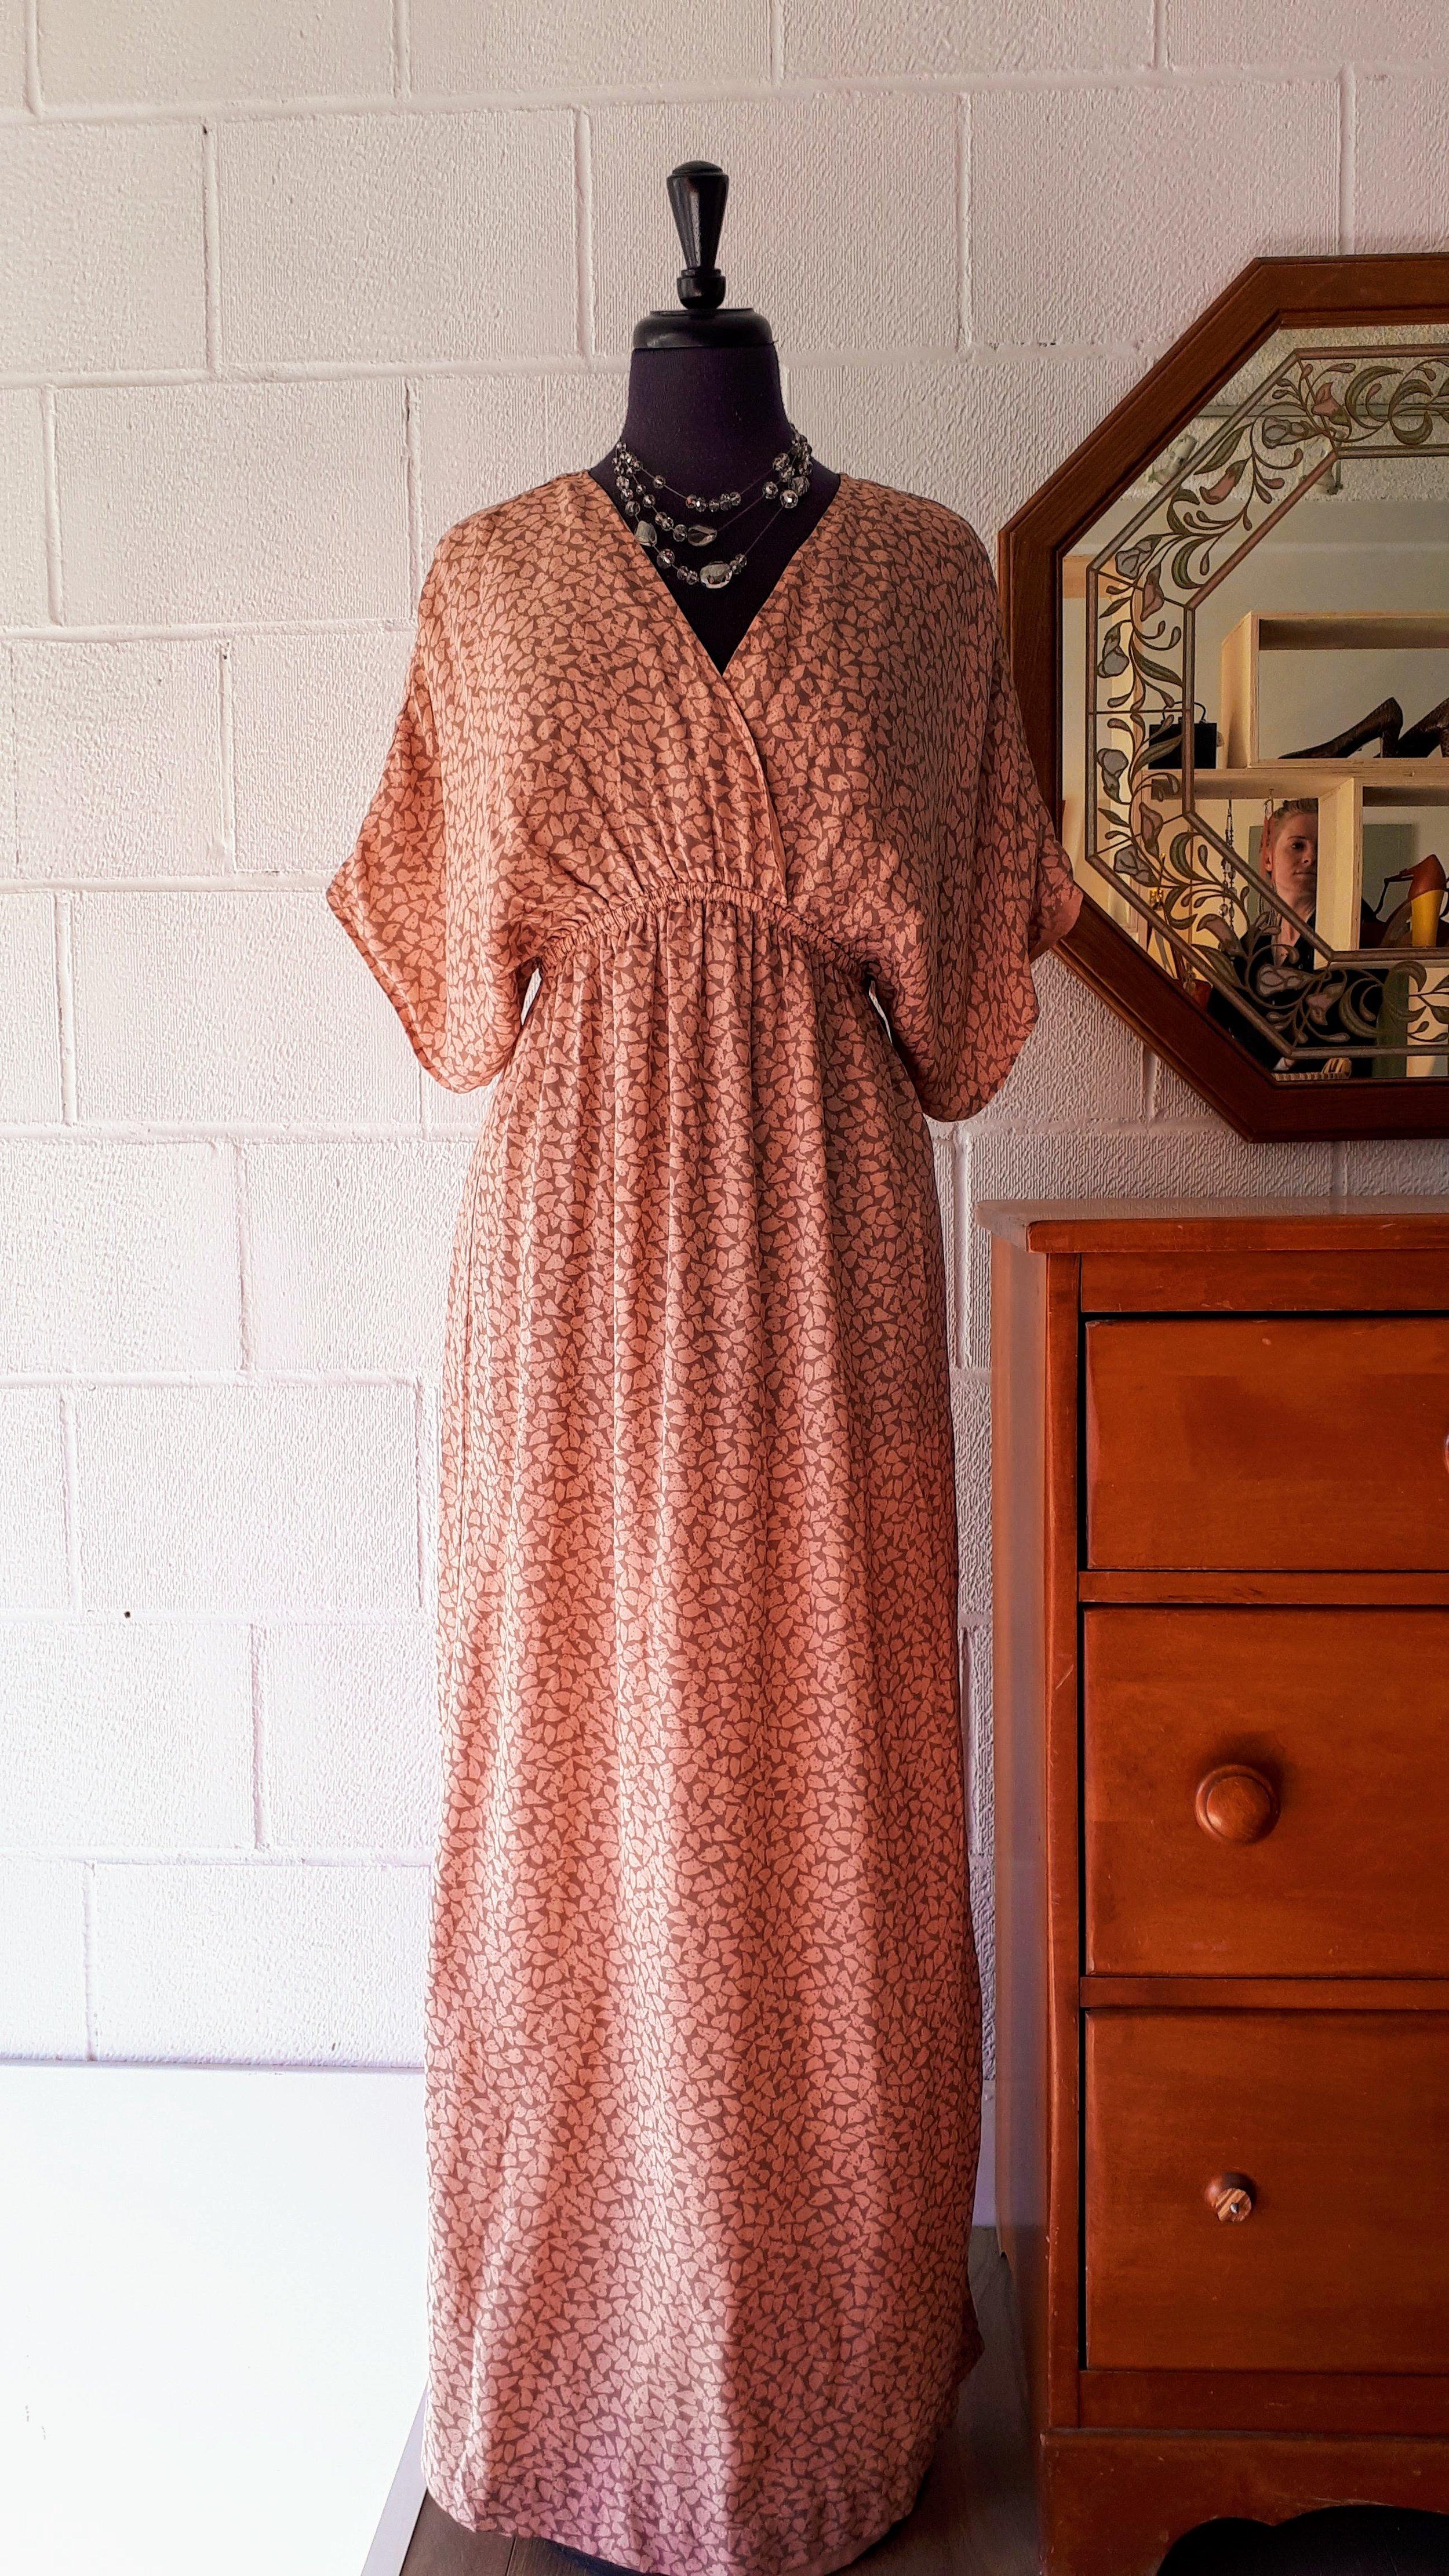 The Addison Story dress; Size XS, $46